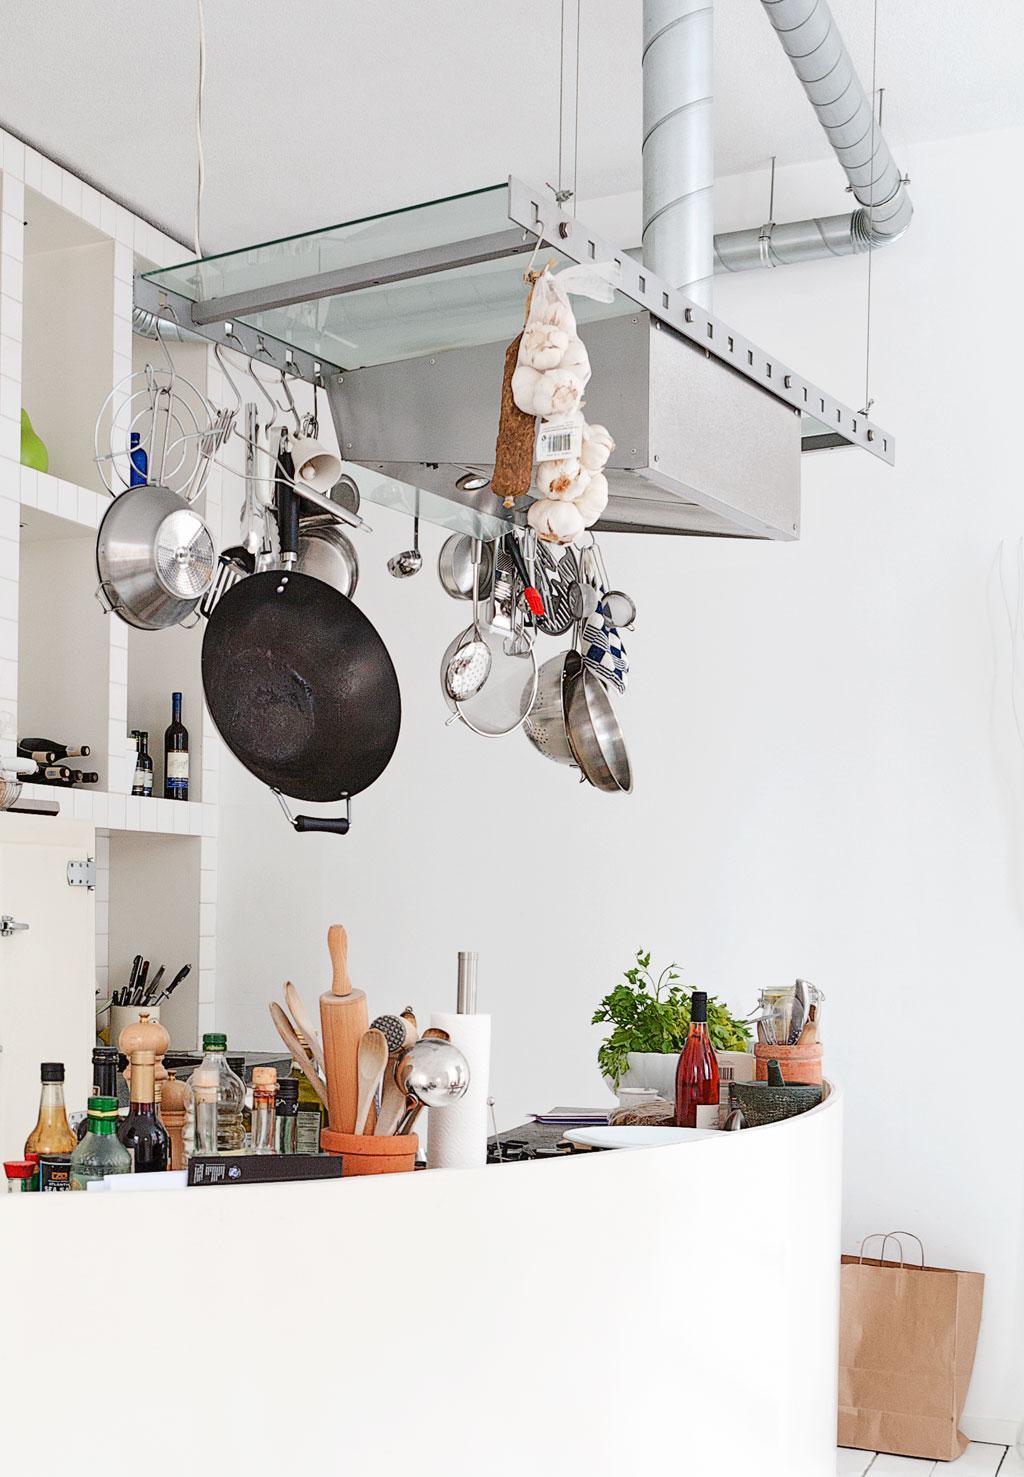 hangwerk in keuken